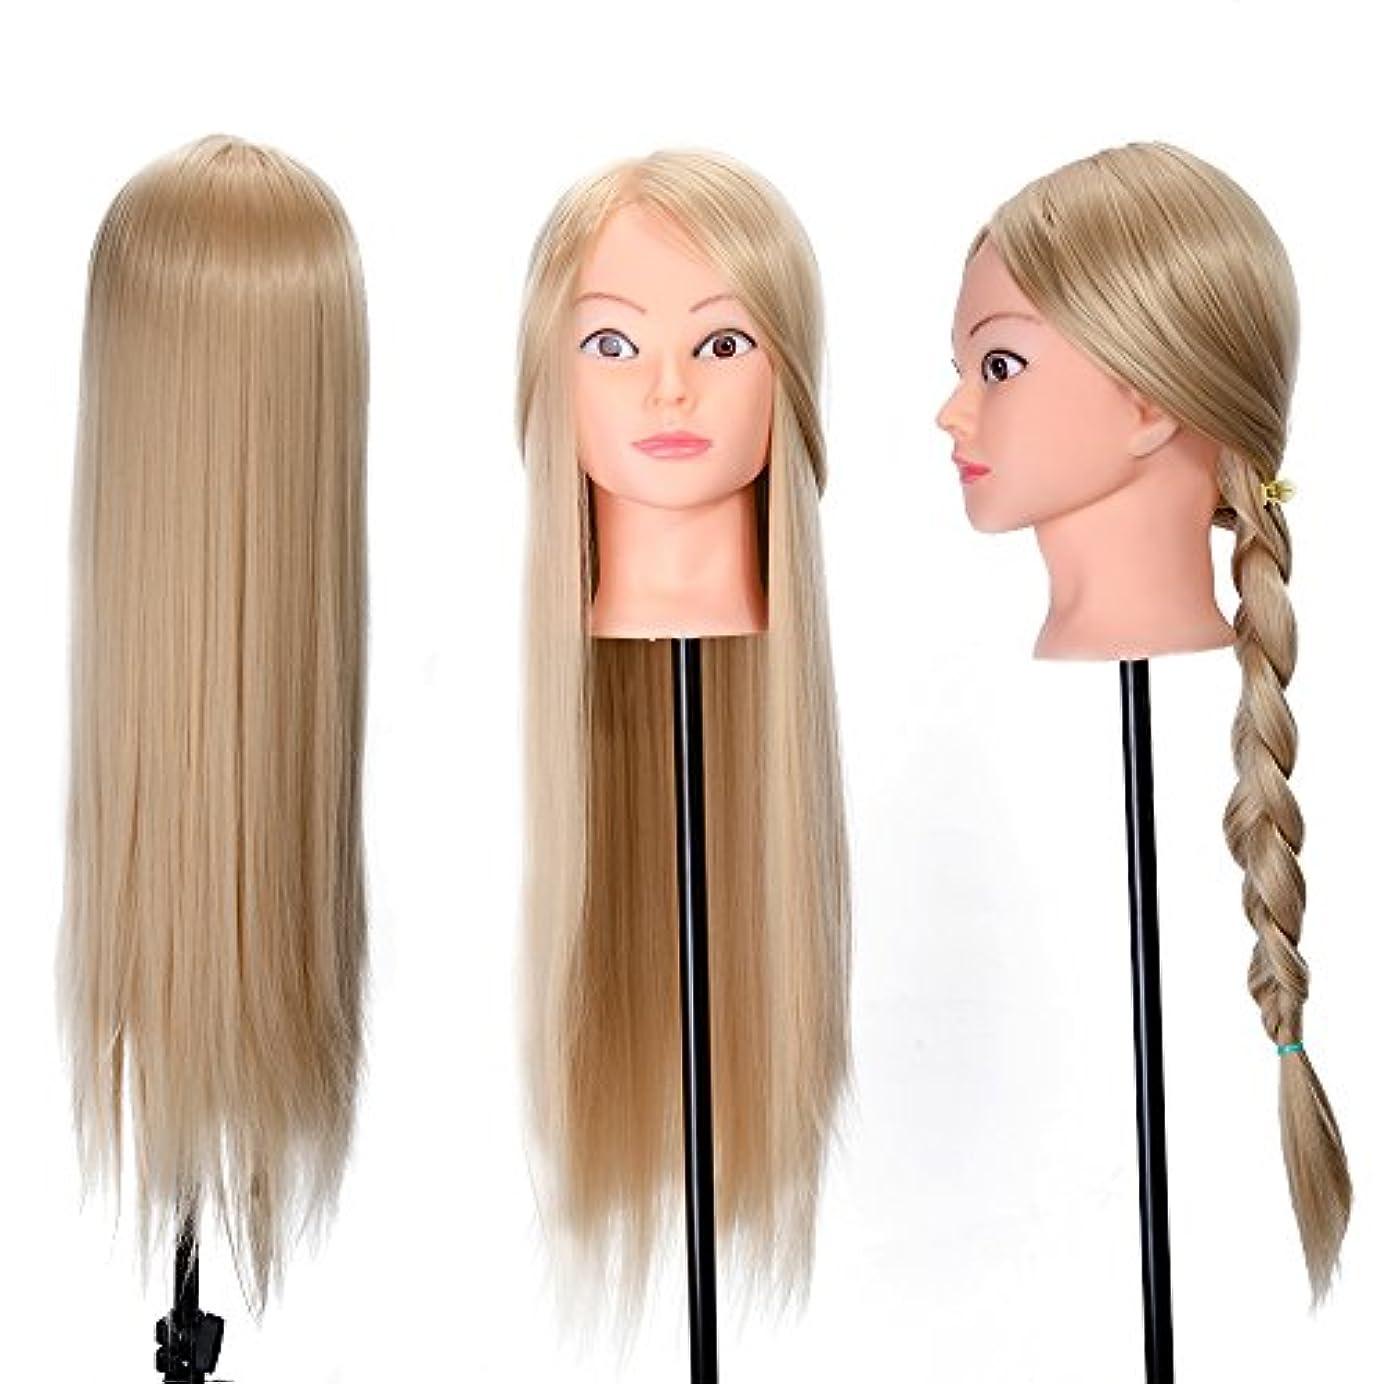 社会学納得させる建築家26インチトレーニングヘッドヘア編組モデルヘアスタイル人形でテーブルクランプサロンスタイリングデザインマネキンダミーヘッド